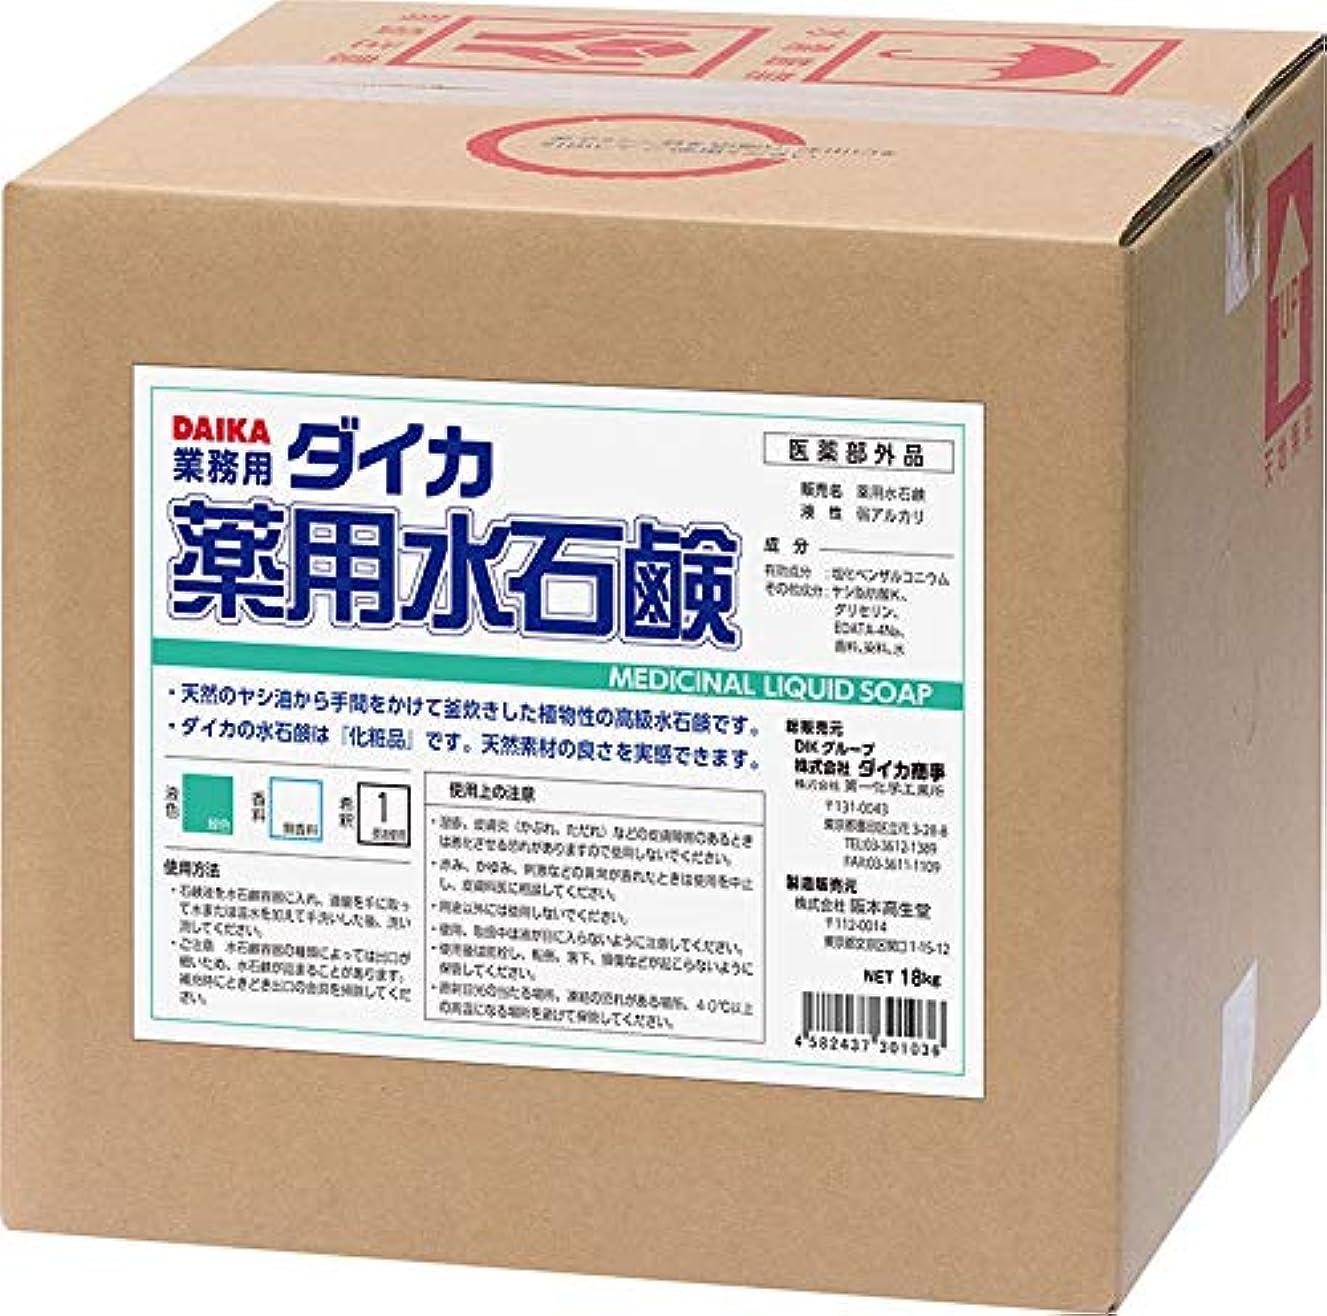 マラソン論争的一月【医薬部外品】業務用 ハンドソープ ダイカ 薬用 水石鹸 MGN 18kg